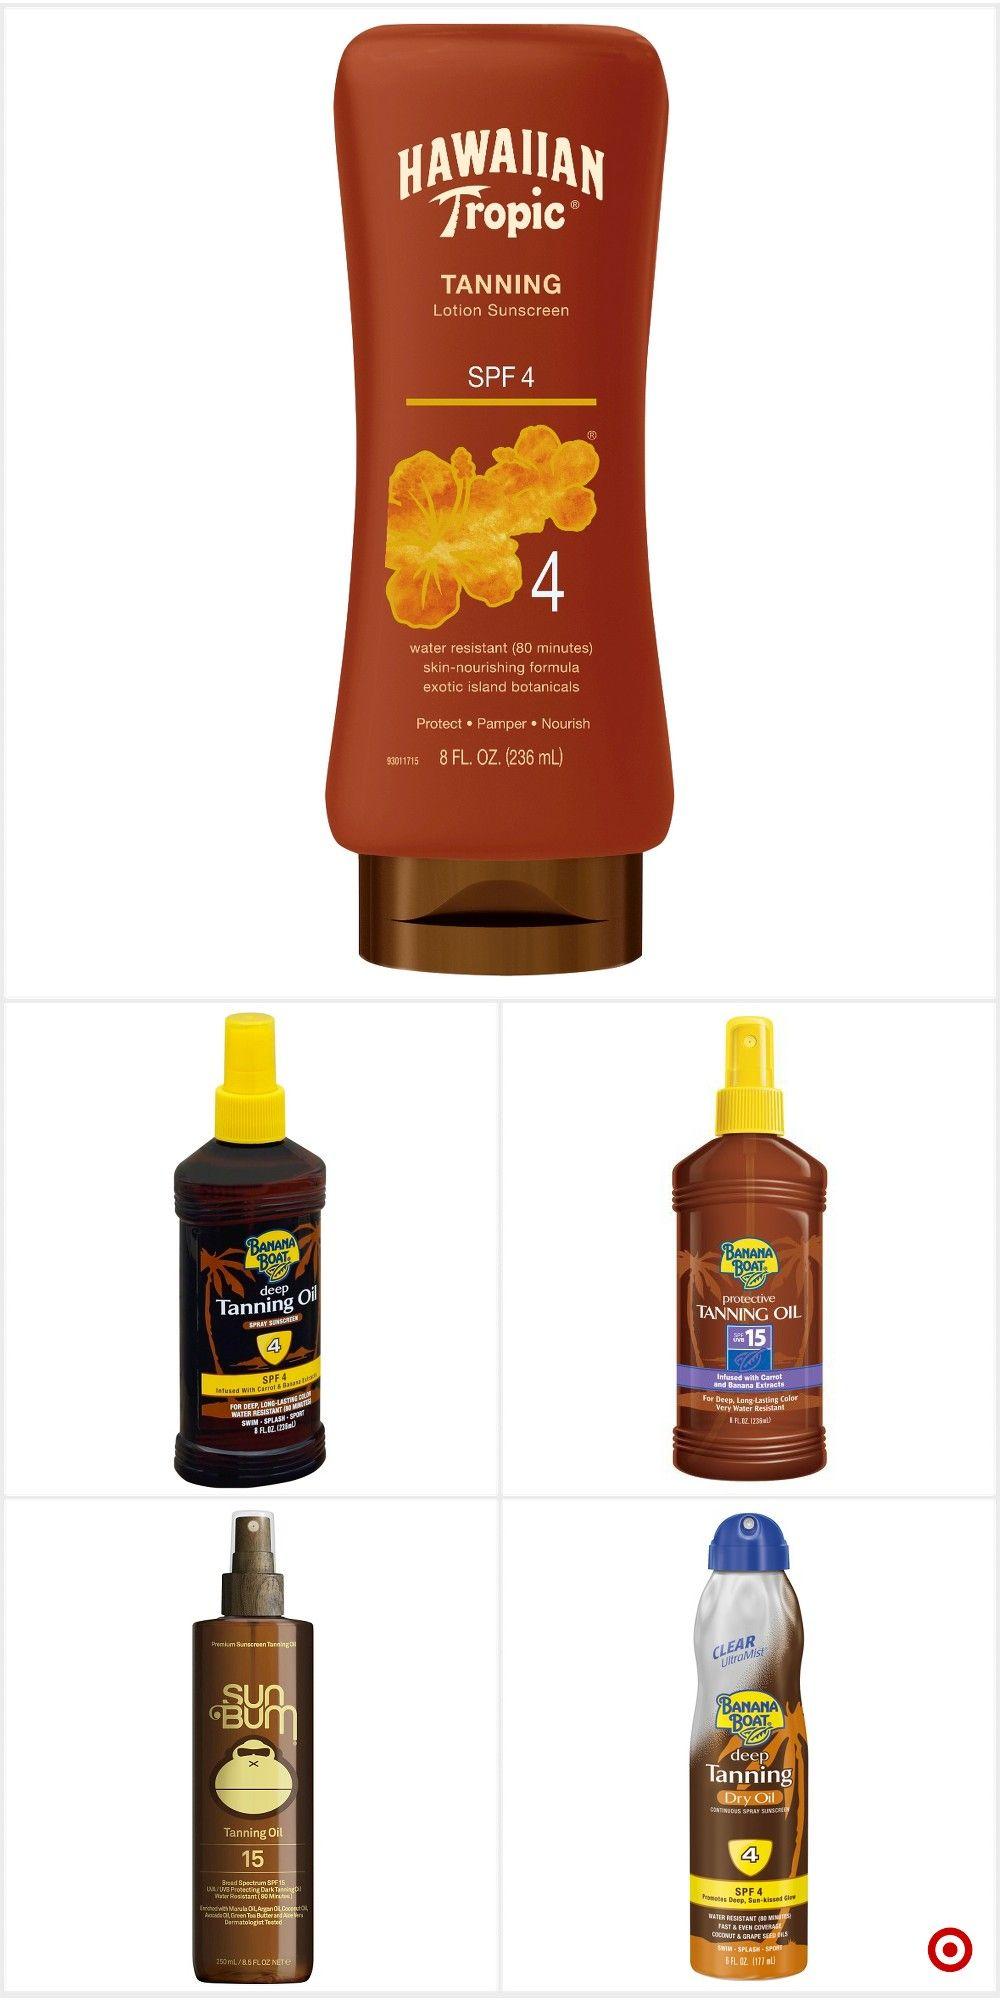 Banana Boat Sunscreens Spf 30 3oz Sunscreen, Tanning